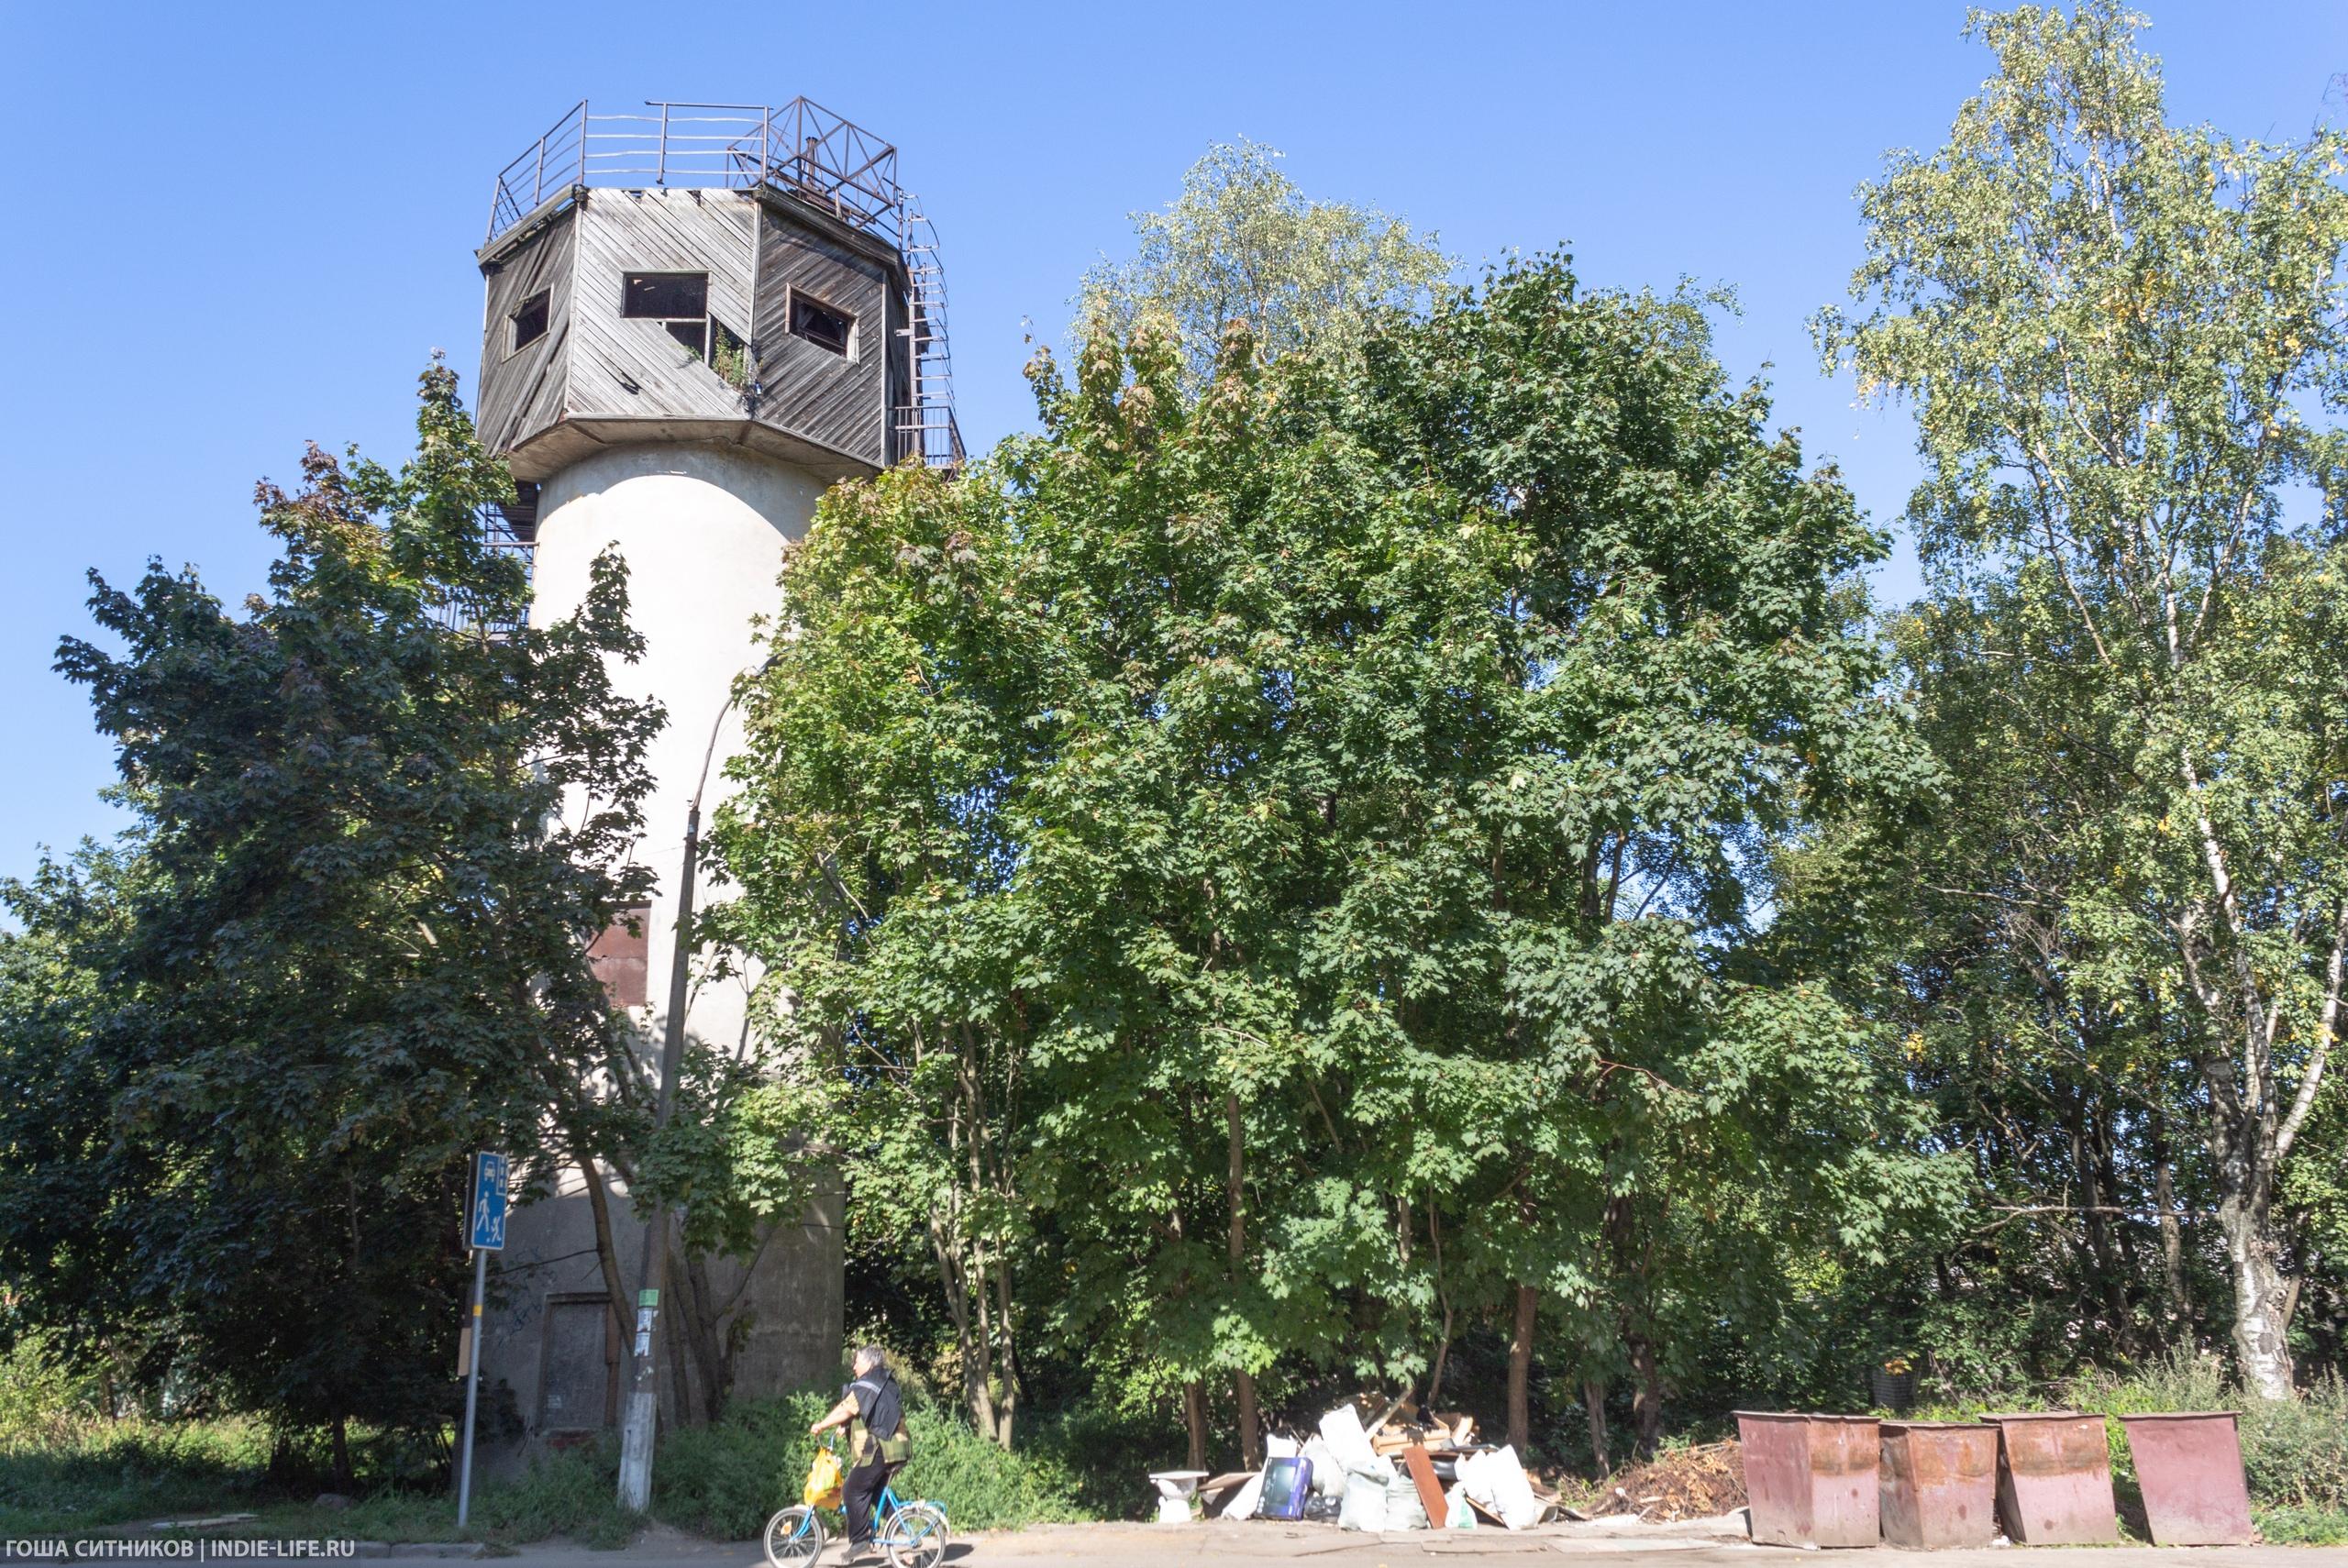 Водонапорная башня Шлиссельбург